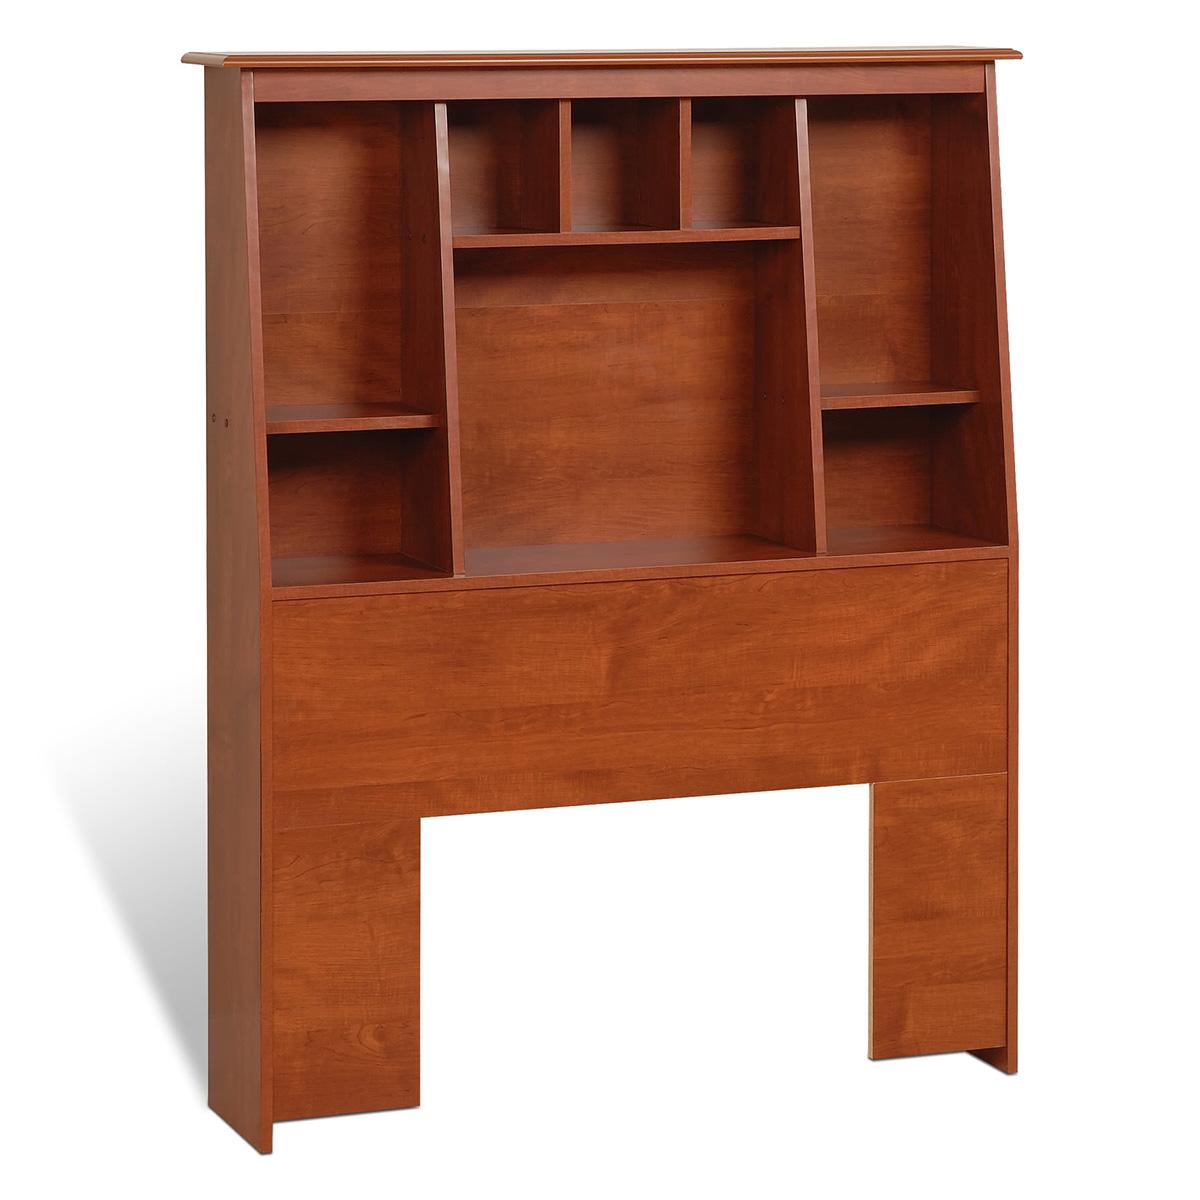 Prepac Slant-Back Bookcase Headboard